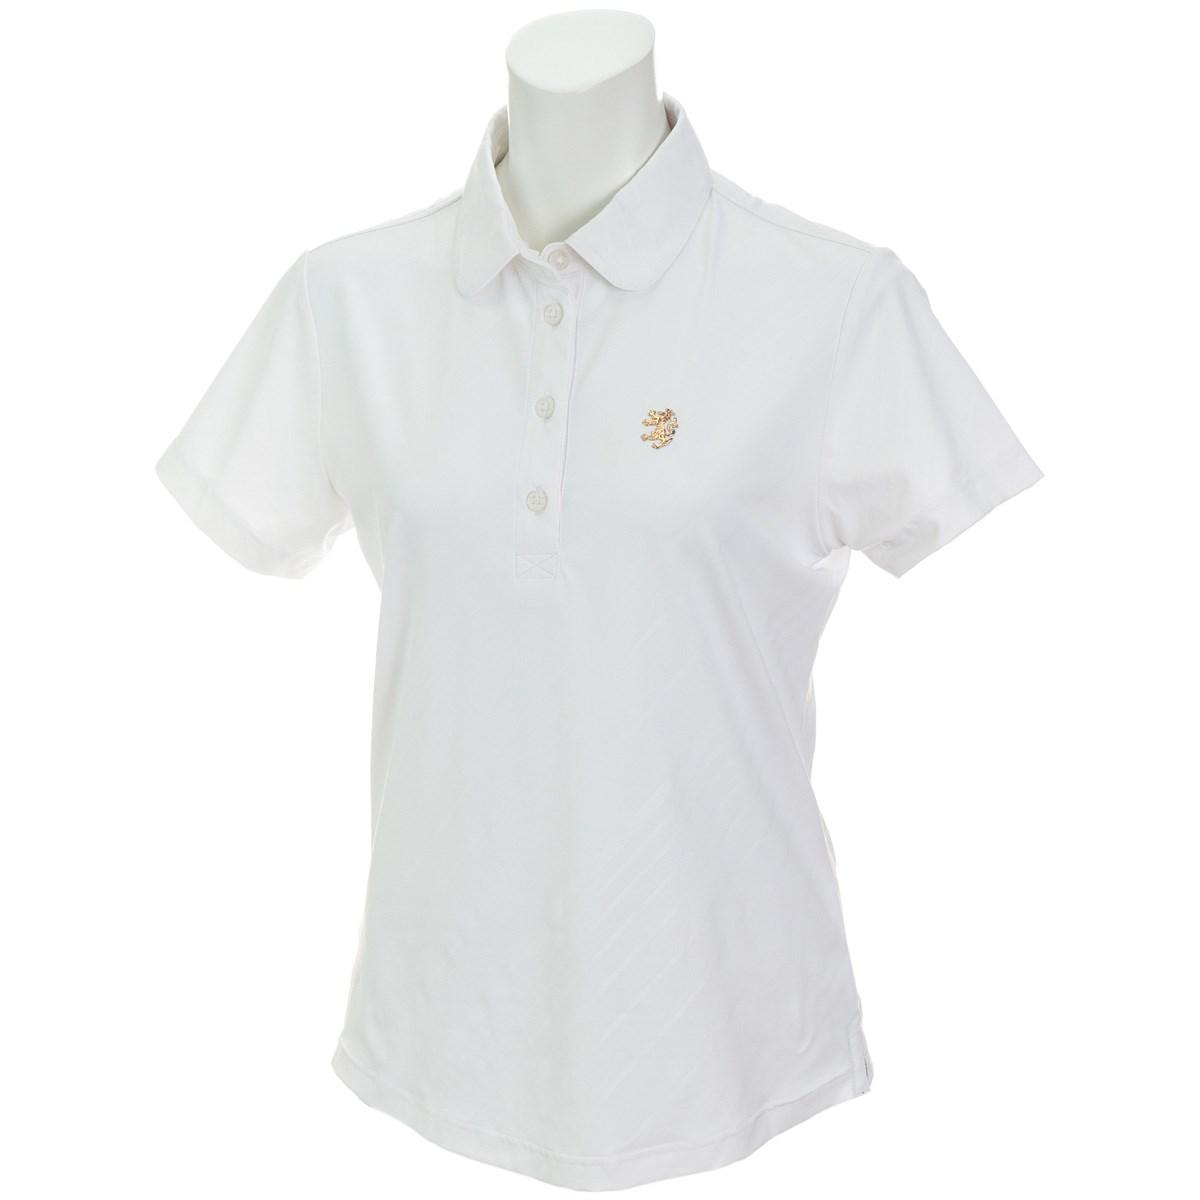 アドミラル Admiral ストレッチ バイアスエンボス 半袖ポロシャツ S ホワイト 00 レディス